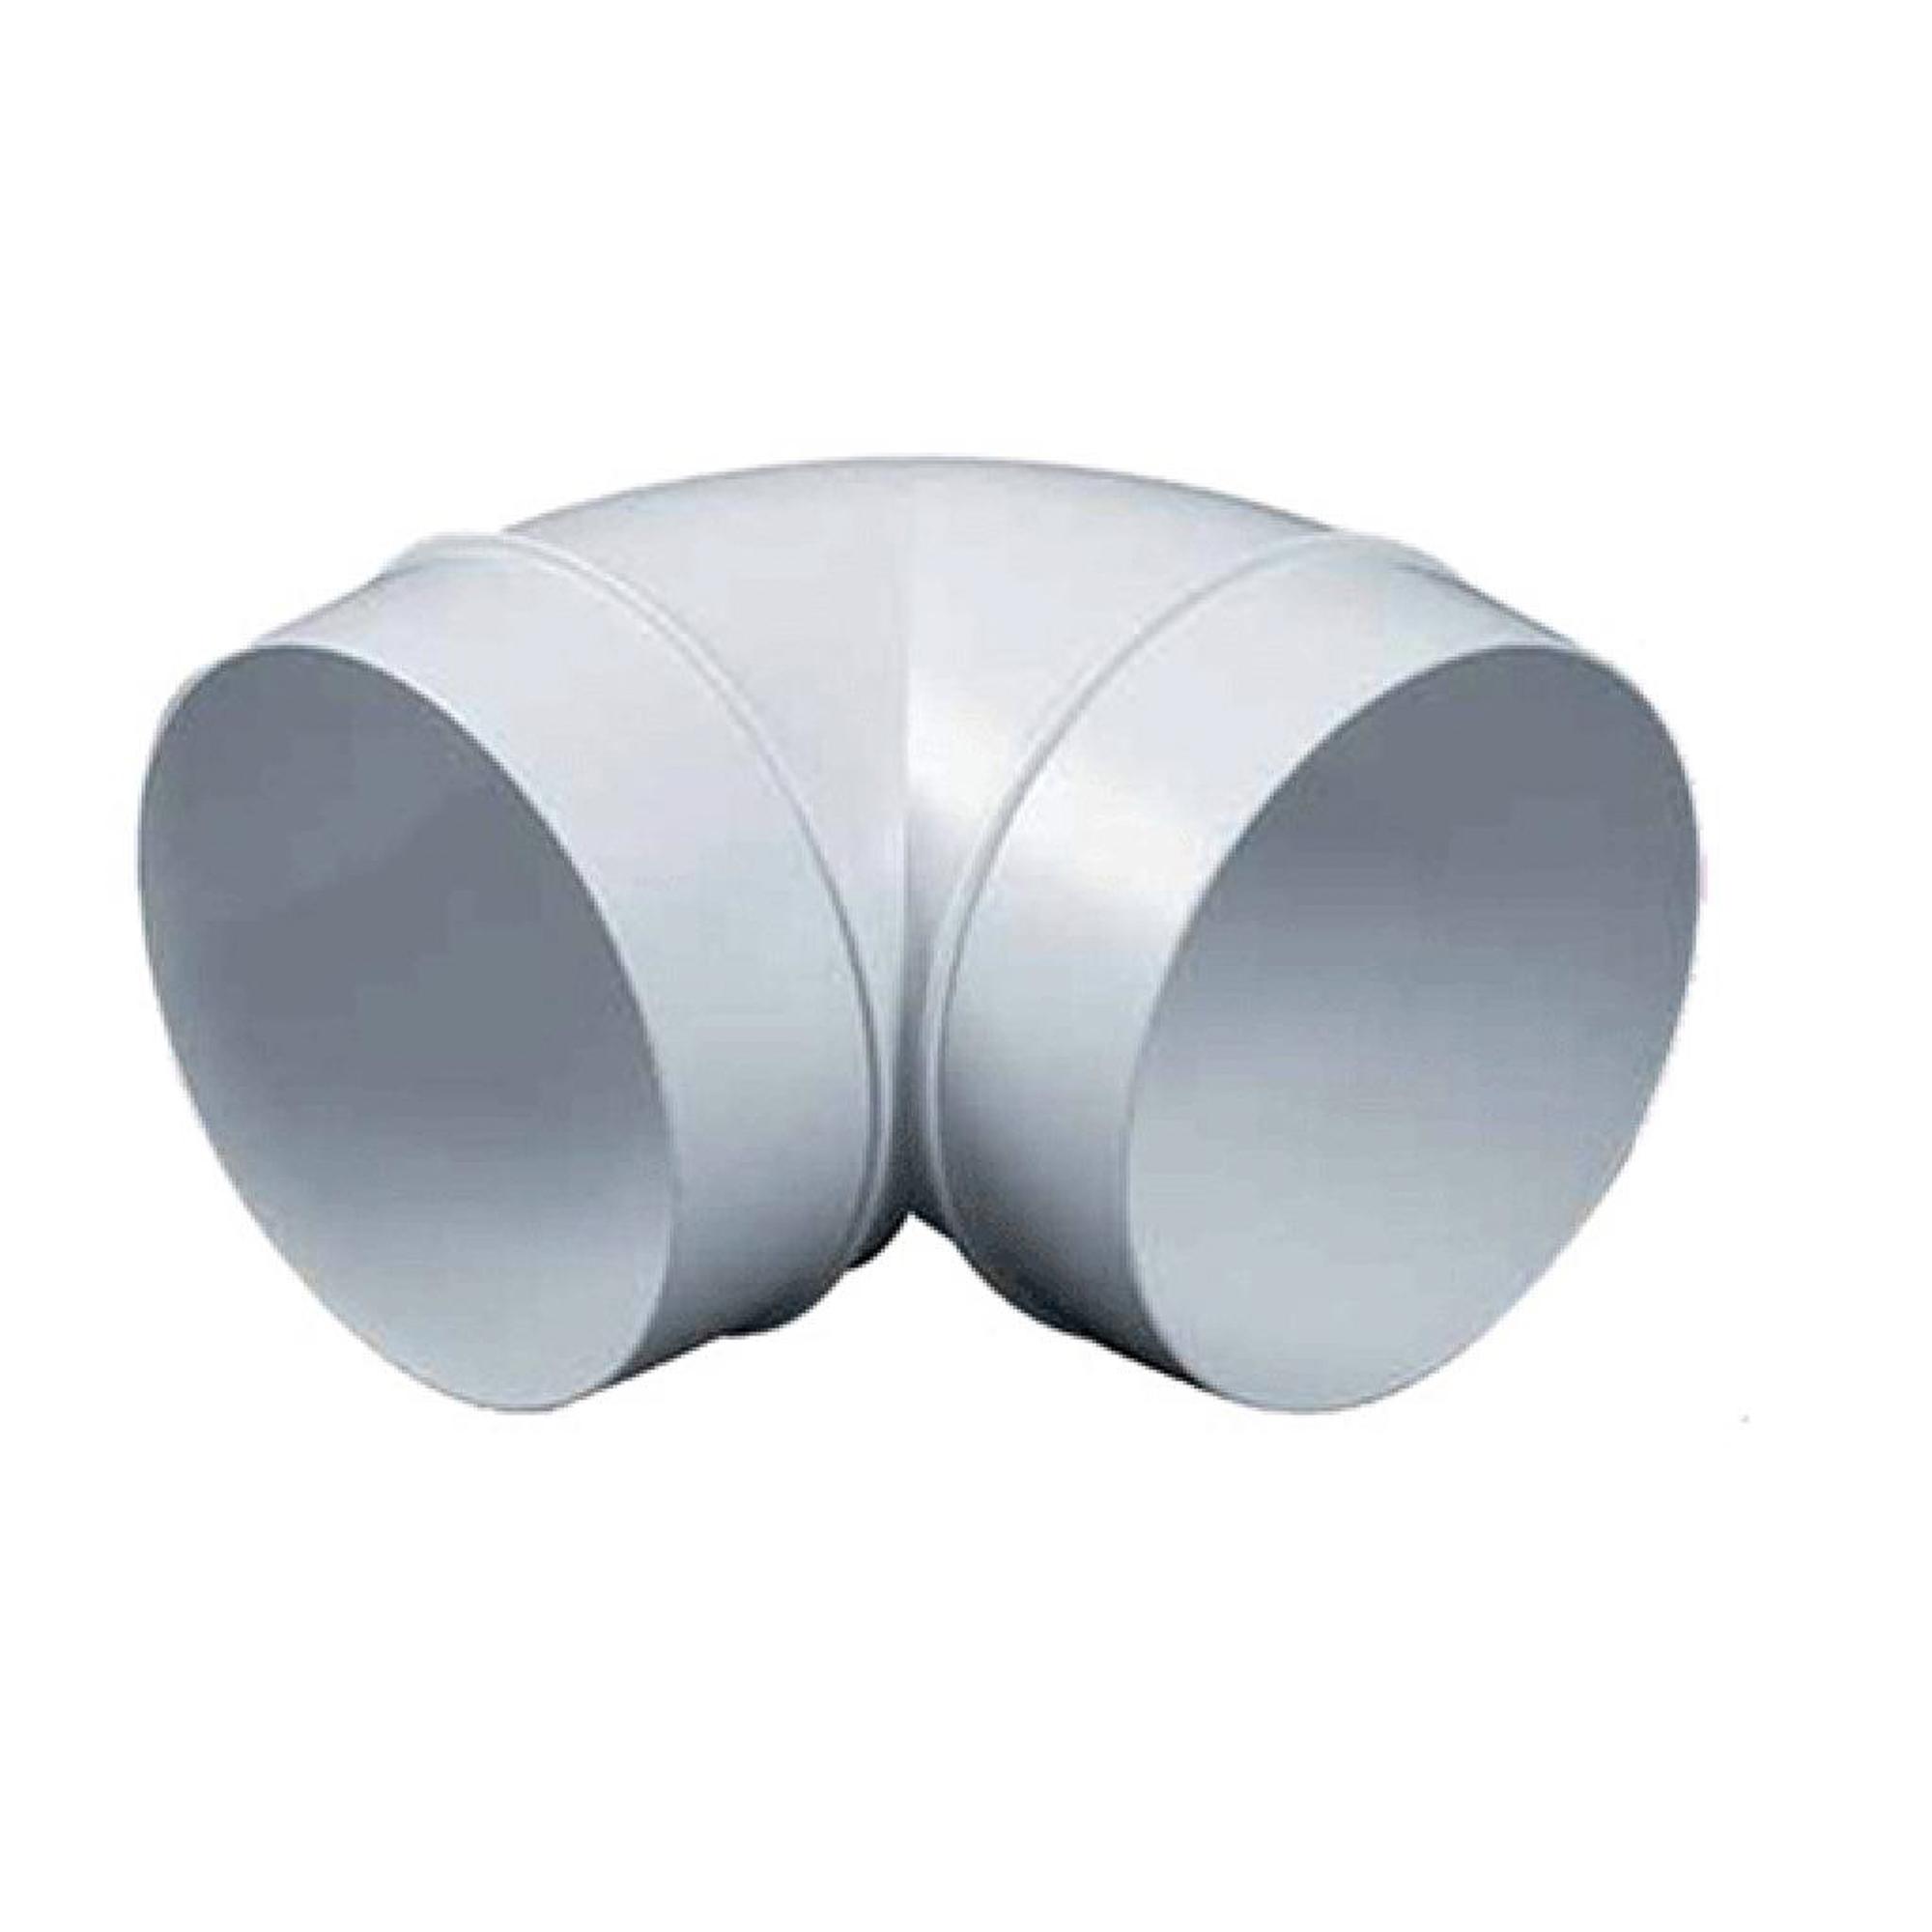 Купить Колено круглое 90 ko125-23. D=125 AWENTA, Польша